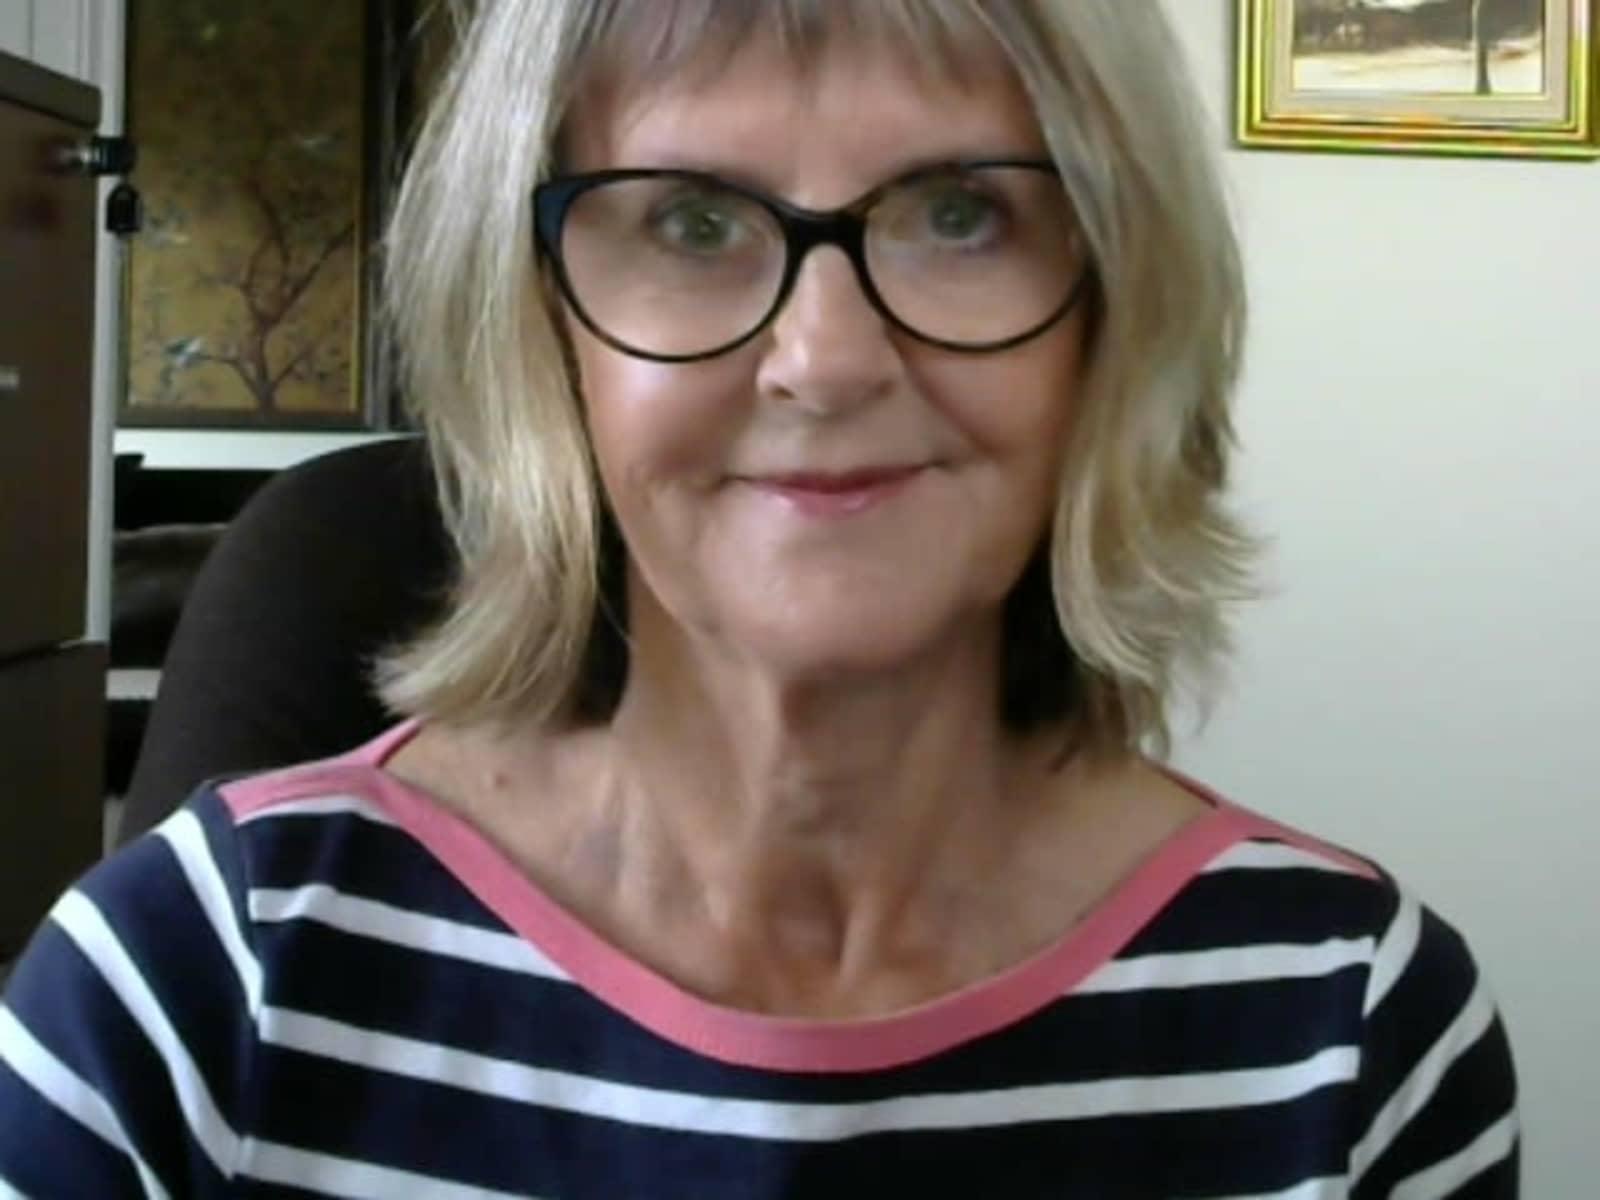 Gillian from Melbourne, Victoria, Australia